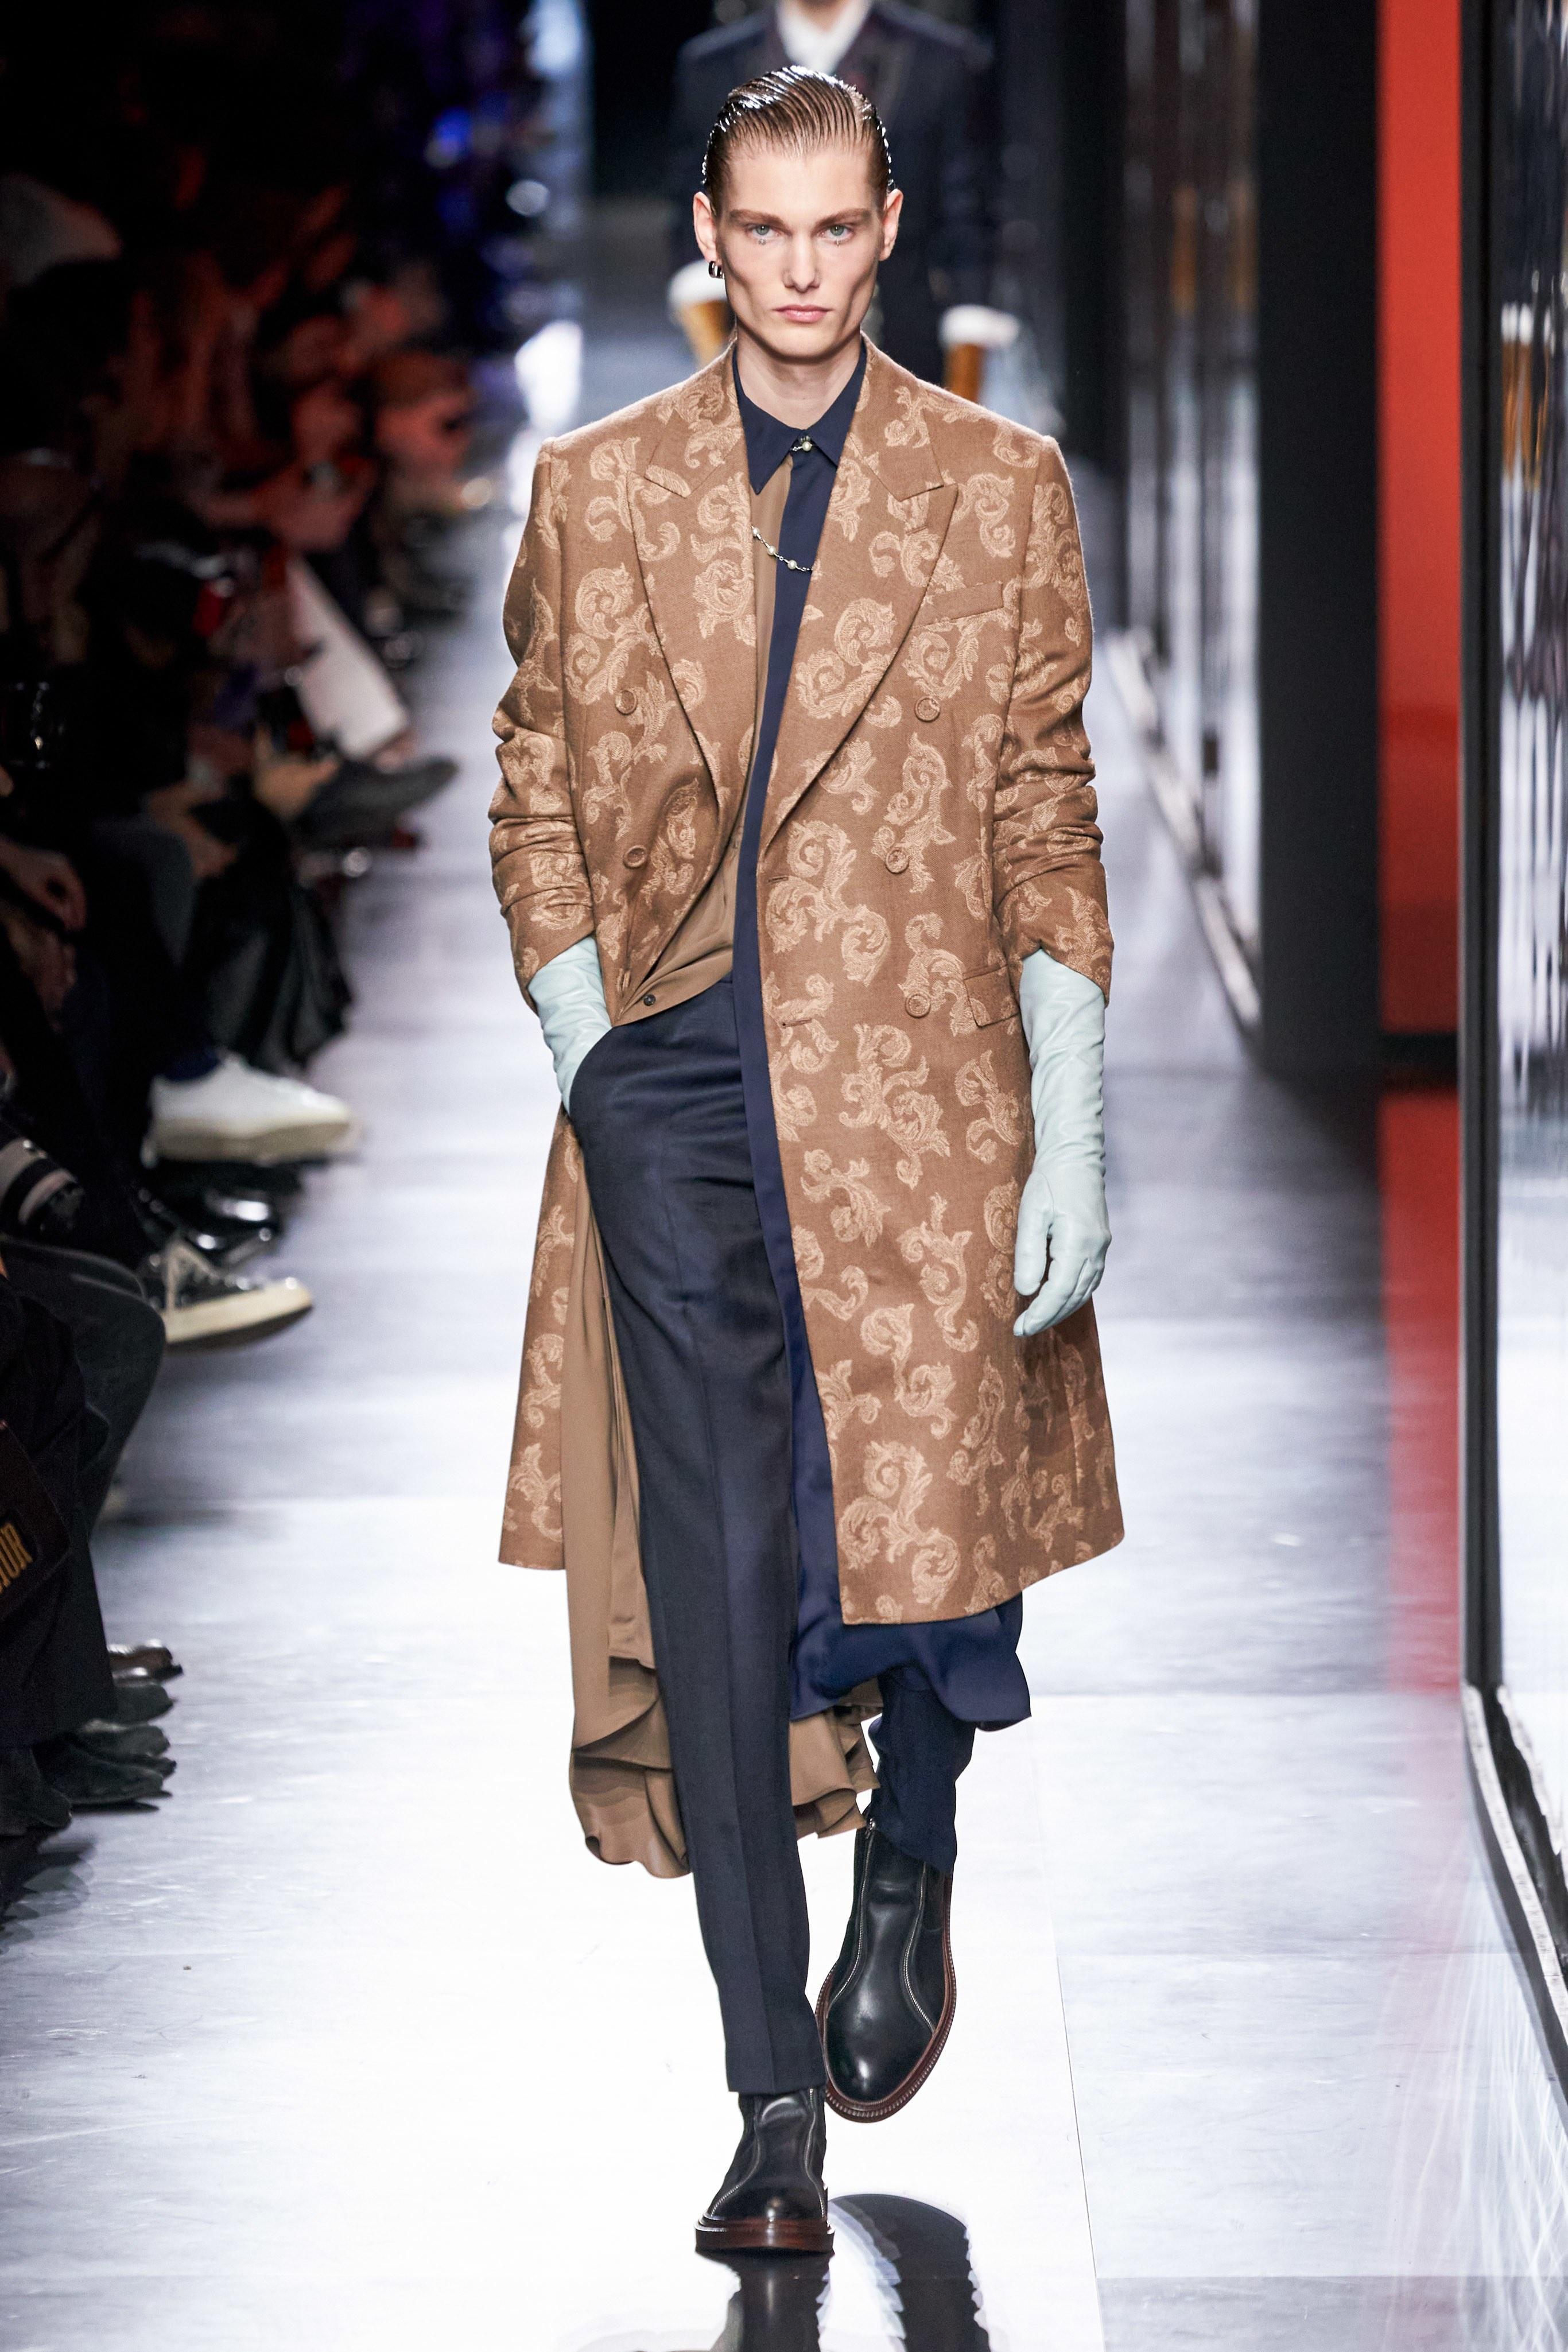 Áo khoác hoa, găng tay dài - Dior nâng thời trang nam lên tầm cao mới Ảnh 19